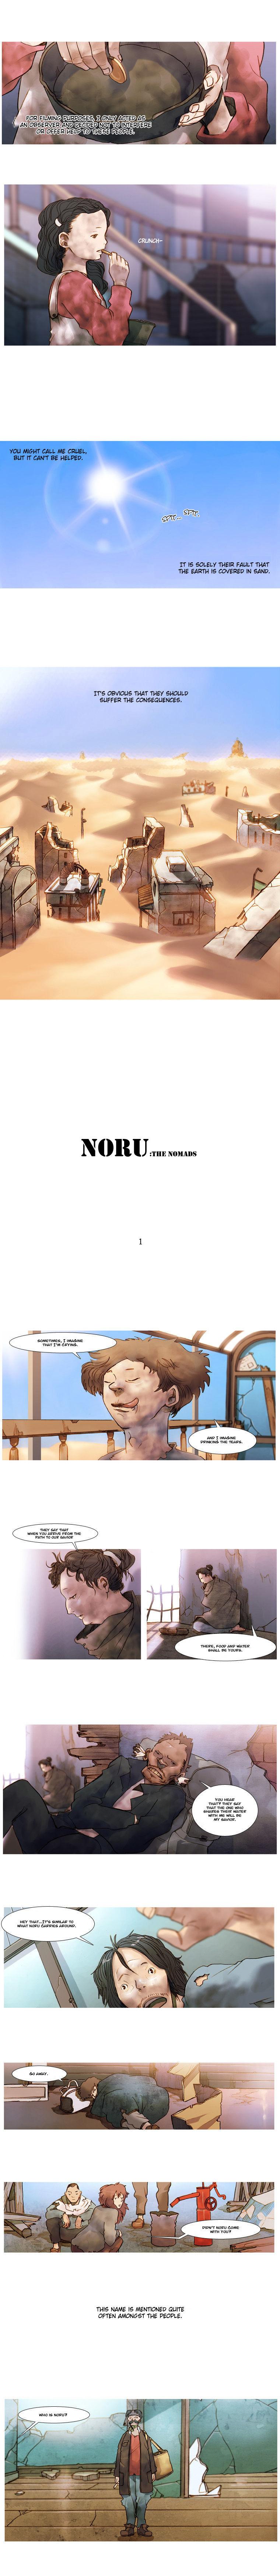 Noru 1 Page 2